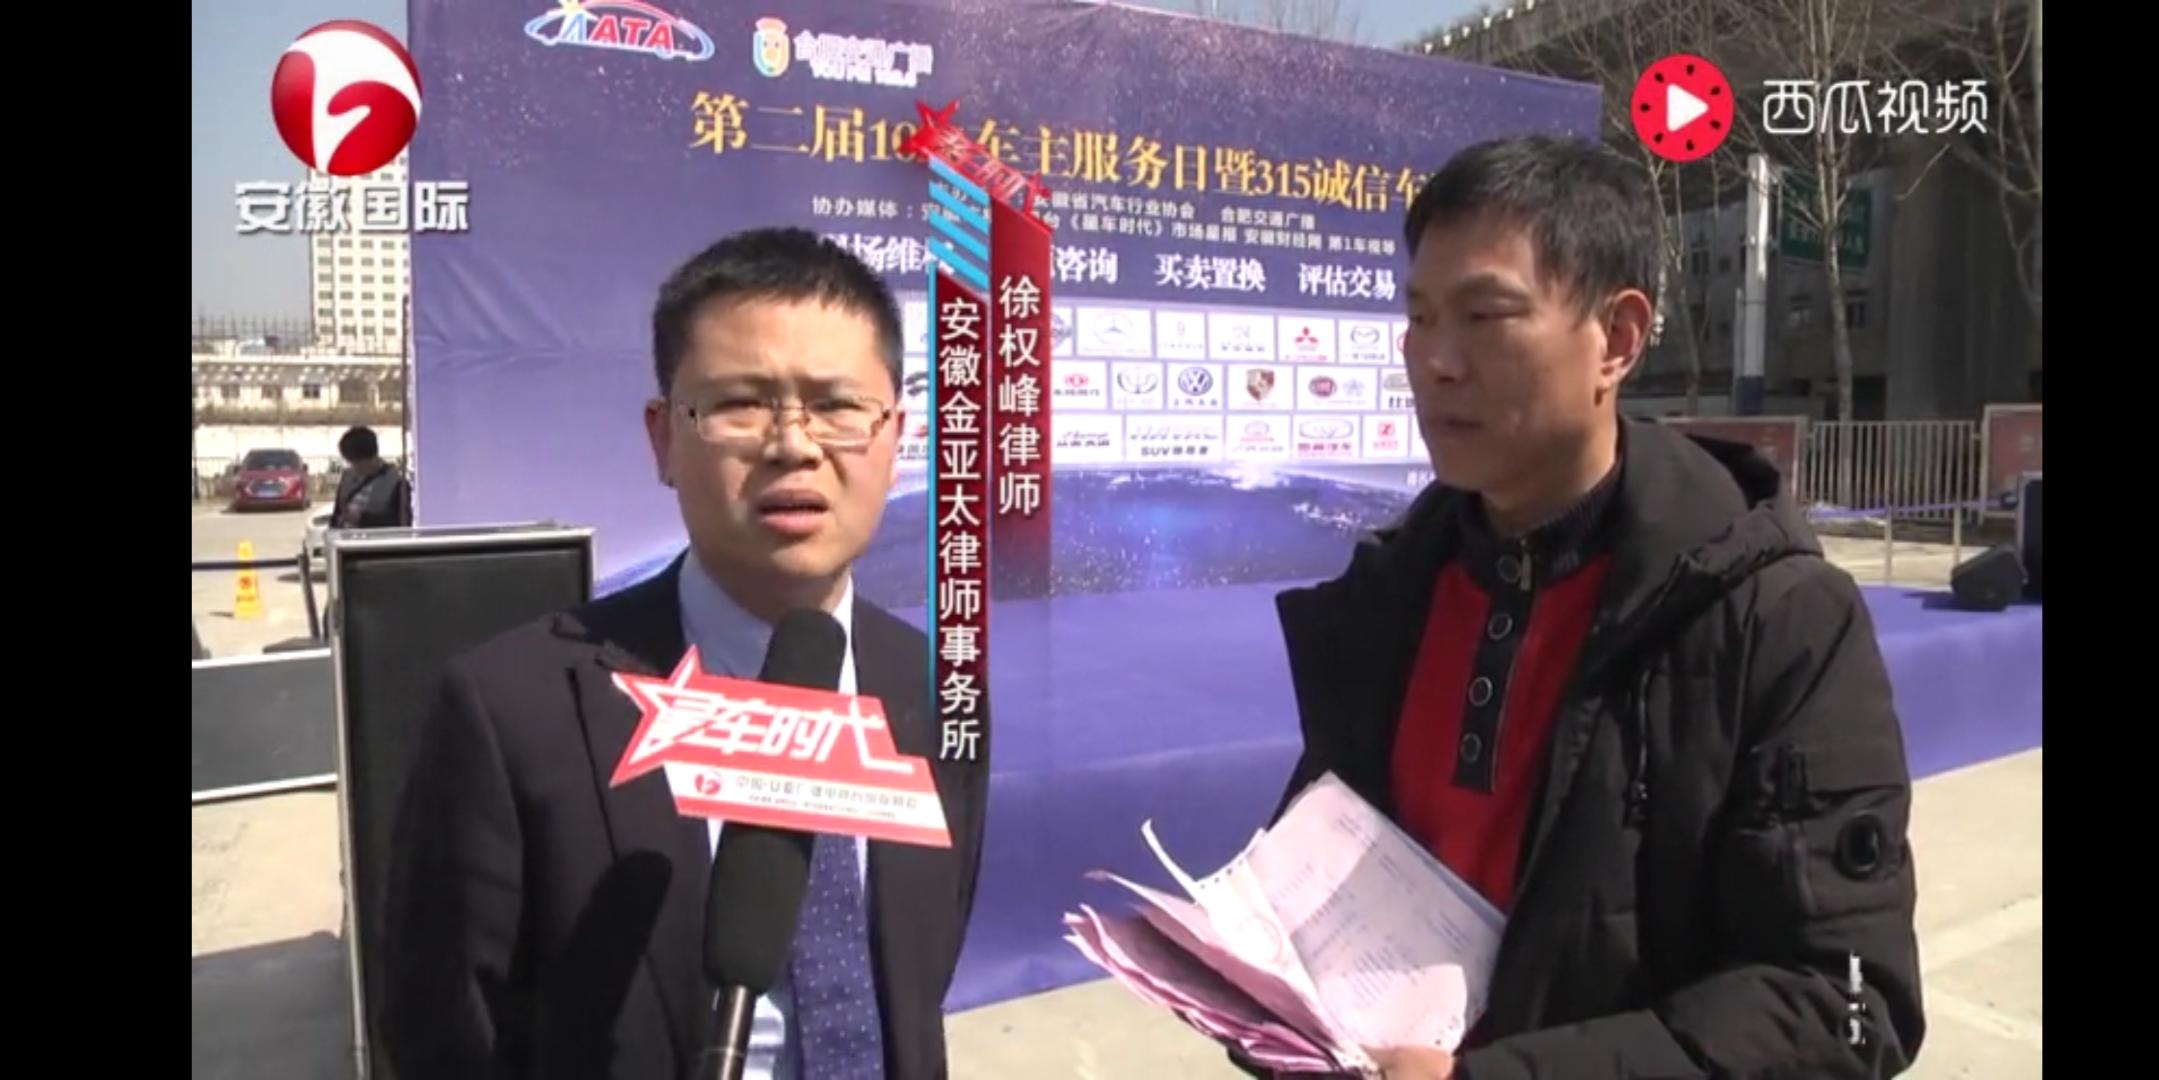 徐权峰律师接受安徽电视台采访